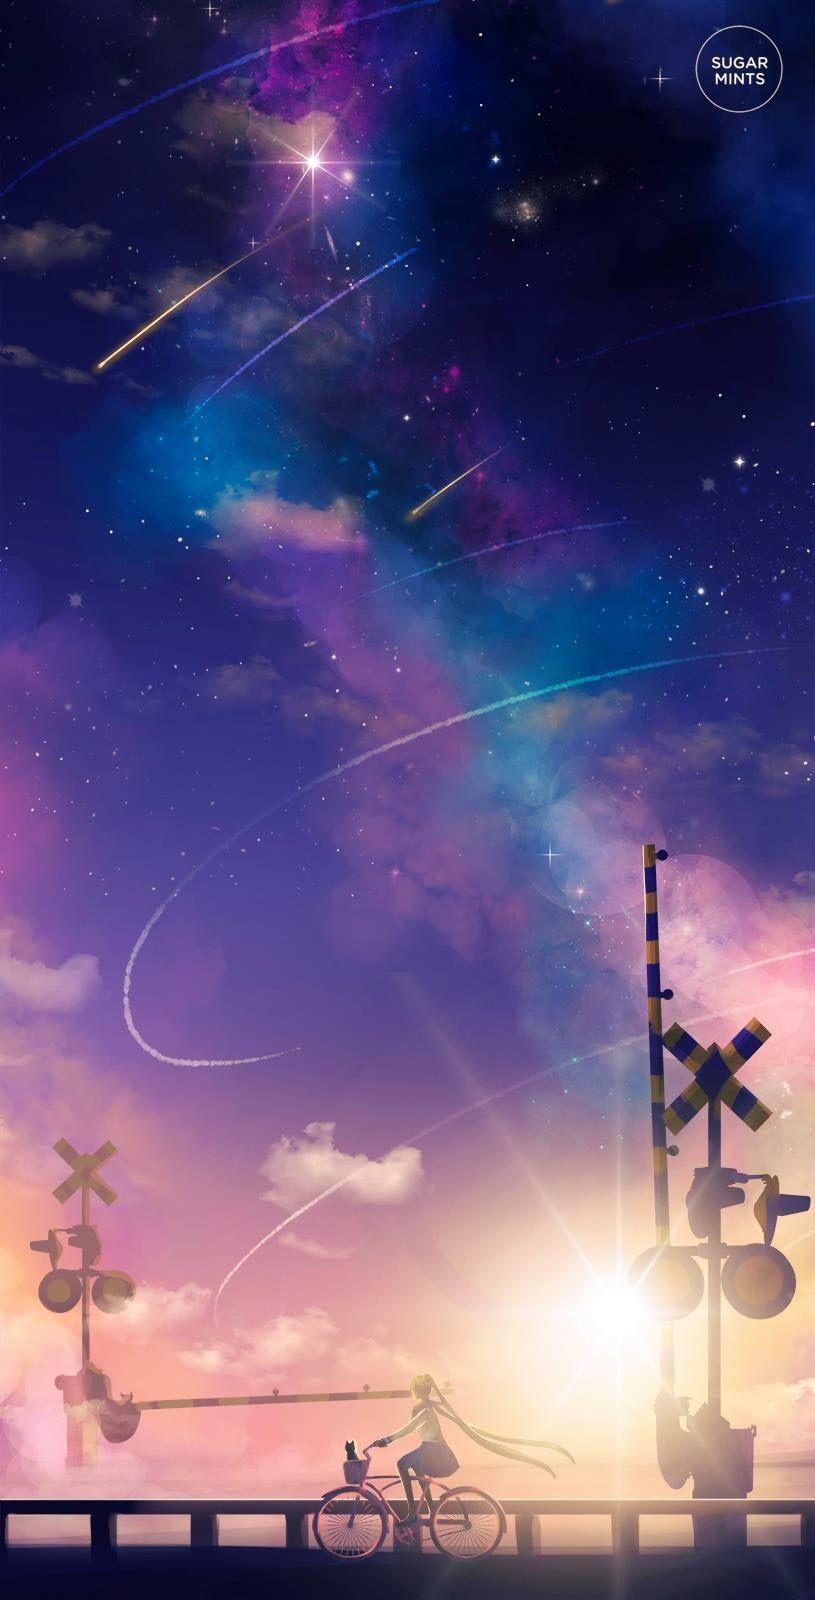 Pin by Yusy V on Sailor moon Wpp fondo de pantalla de